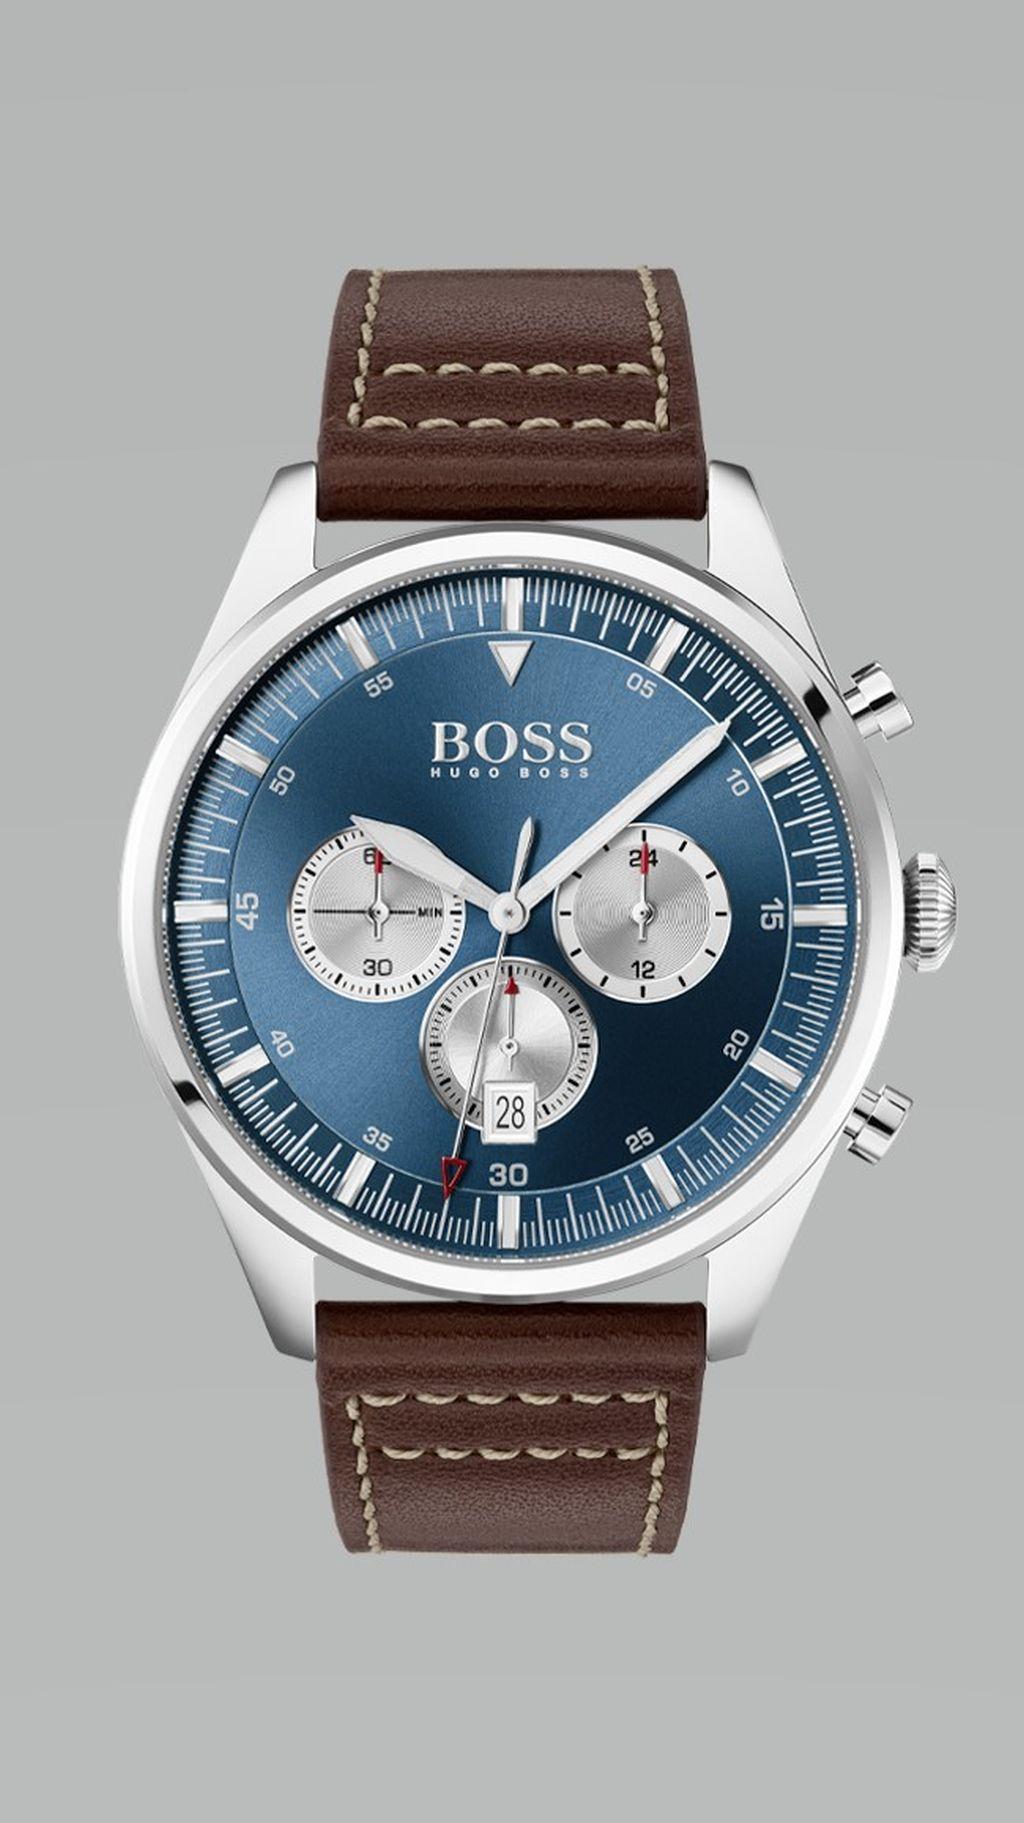 שעון לגבר הוגו בוס